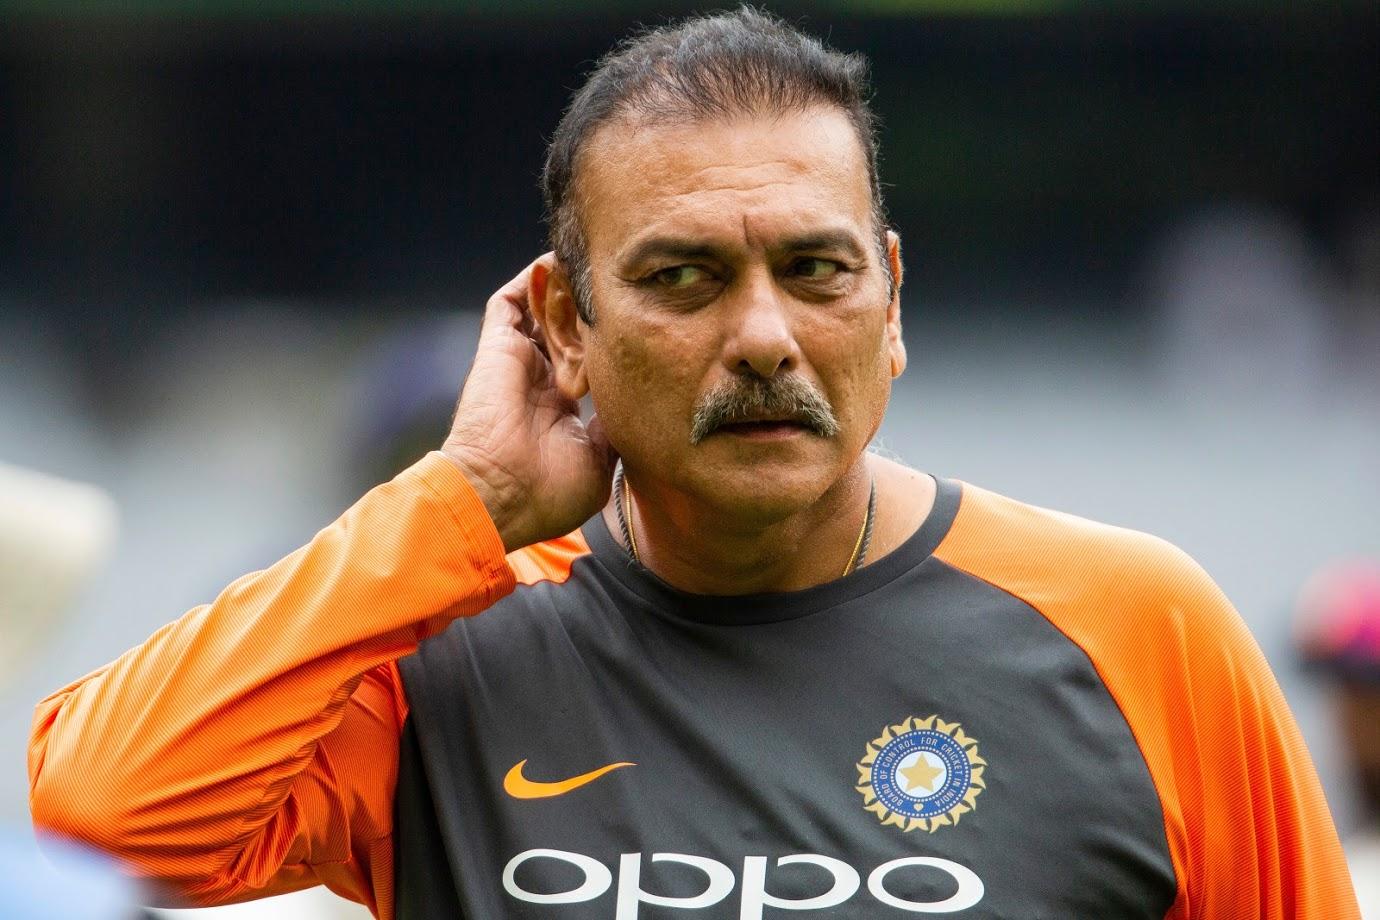 शास्त्री यांनी डेली टेलीग्राफला दिलेल्या मुलाखतीत म्हटलं की, 'तो एक महान खेळाडू आहे. भारतातल्या महान क्रिकेटपटूंपैकी तो एक आहे. मी अजूनपर्यंत कोणत्याच व्यक्तीला एवढं शांत पाहीलं नाही मी अनेकदा सचिनला चिडलेलं पाहीलं आहे पण धोनी कधीच चिडत नाही.'